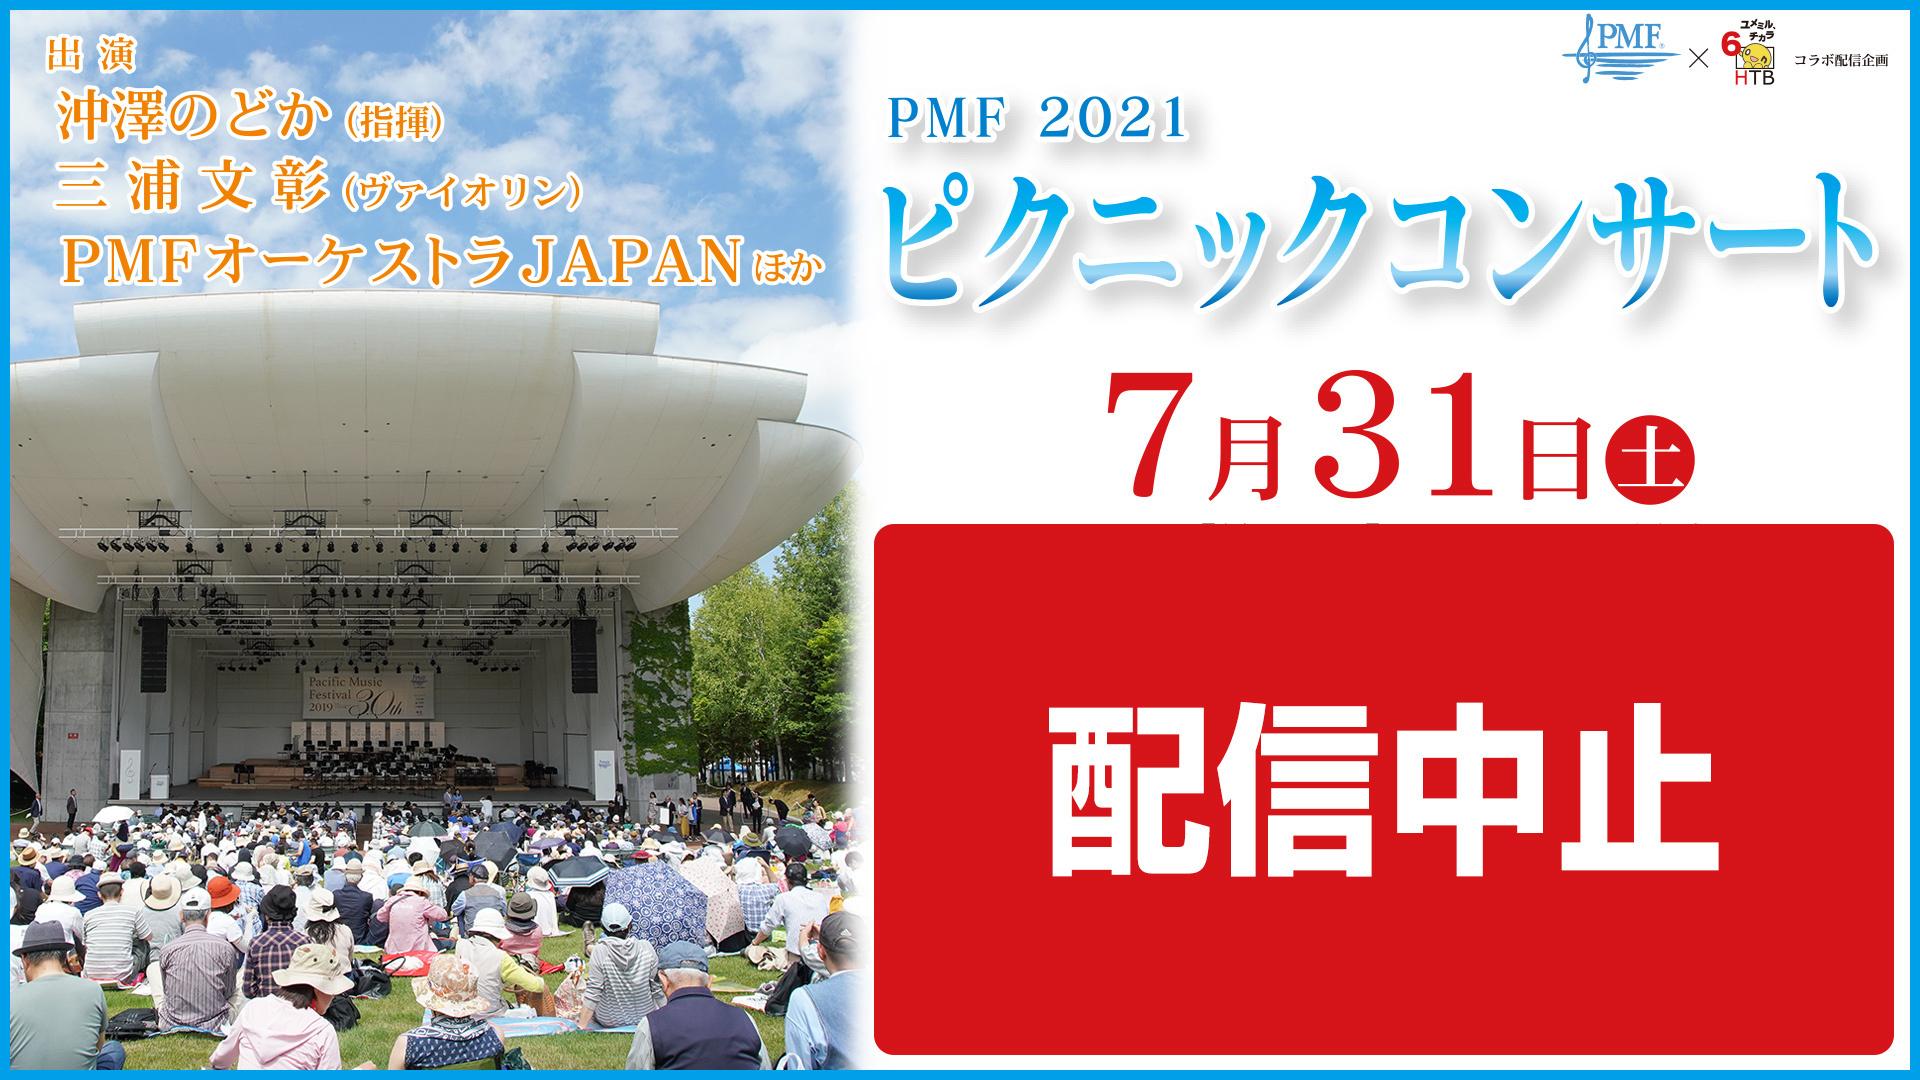 PMF2021 ピクニックコンサート<レナード・バーンスタイン・メモリアル・コンサート>